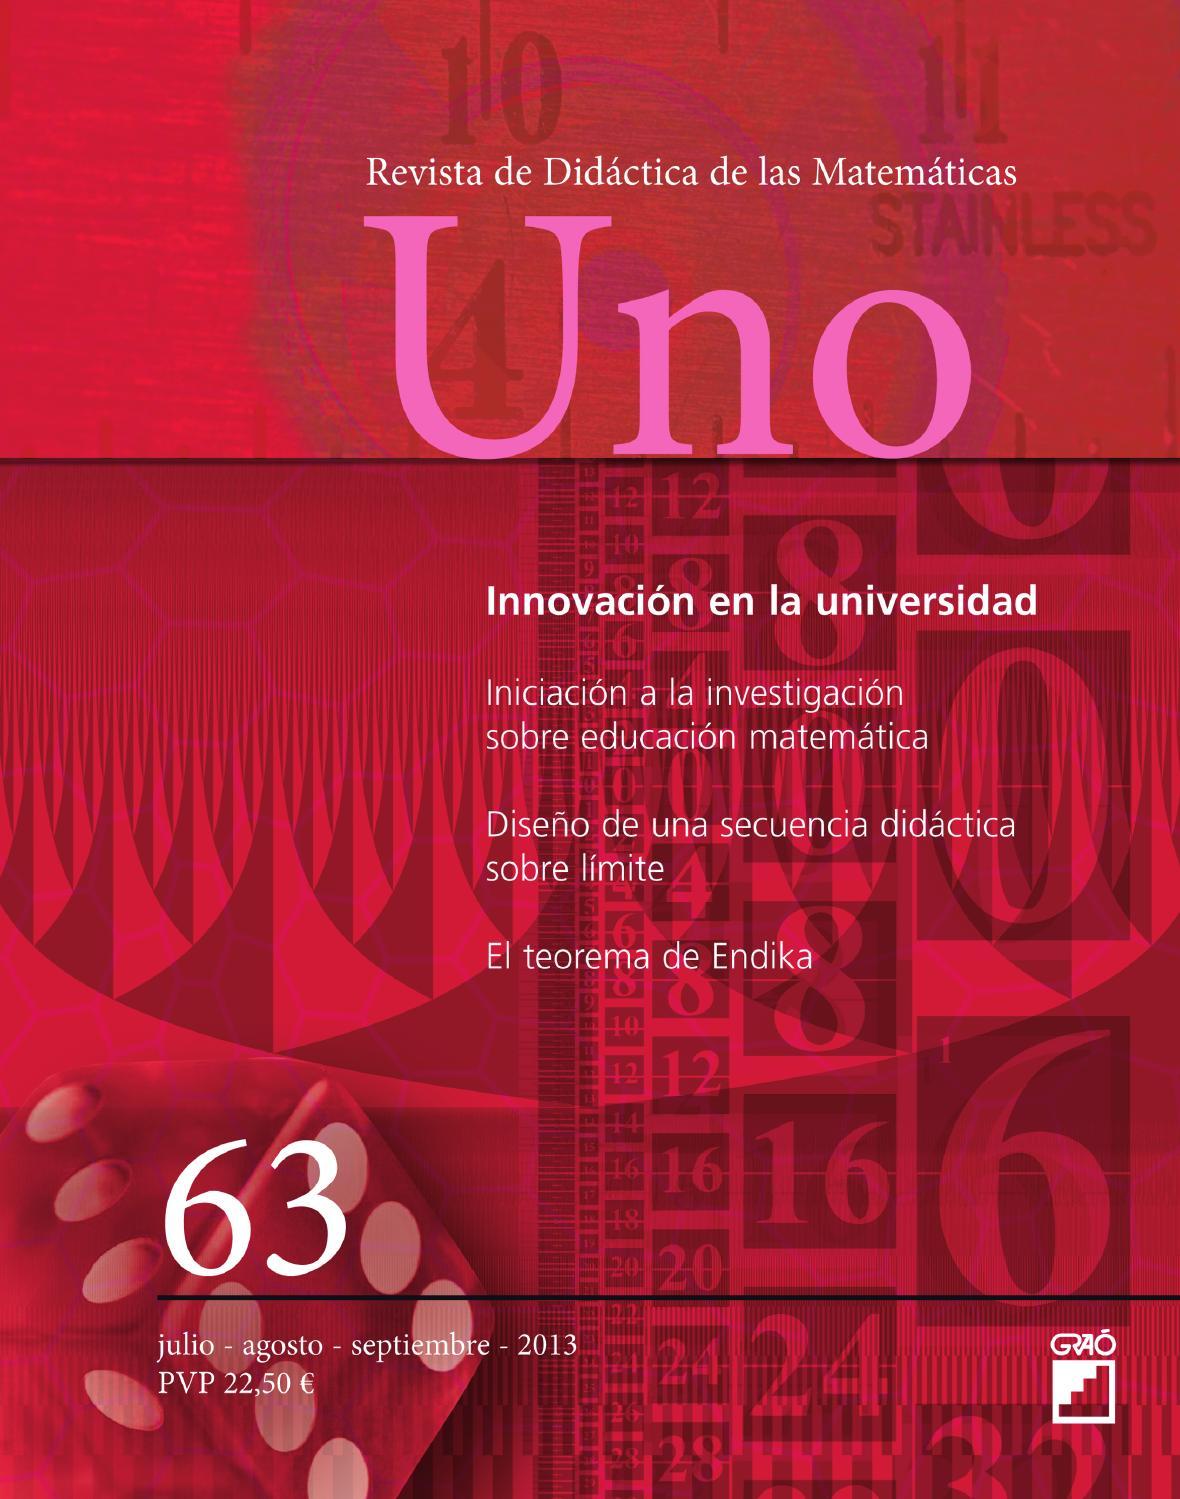 Uno. Revista de Didáctica de las Matemáticas by Editorial Graó - issuu